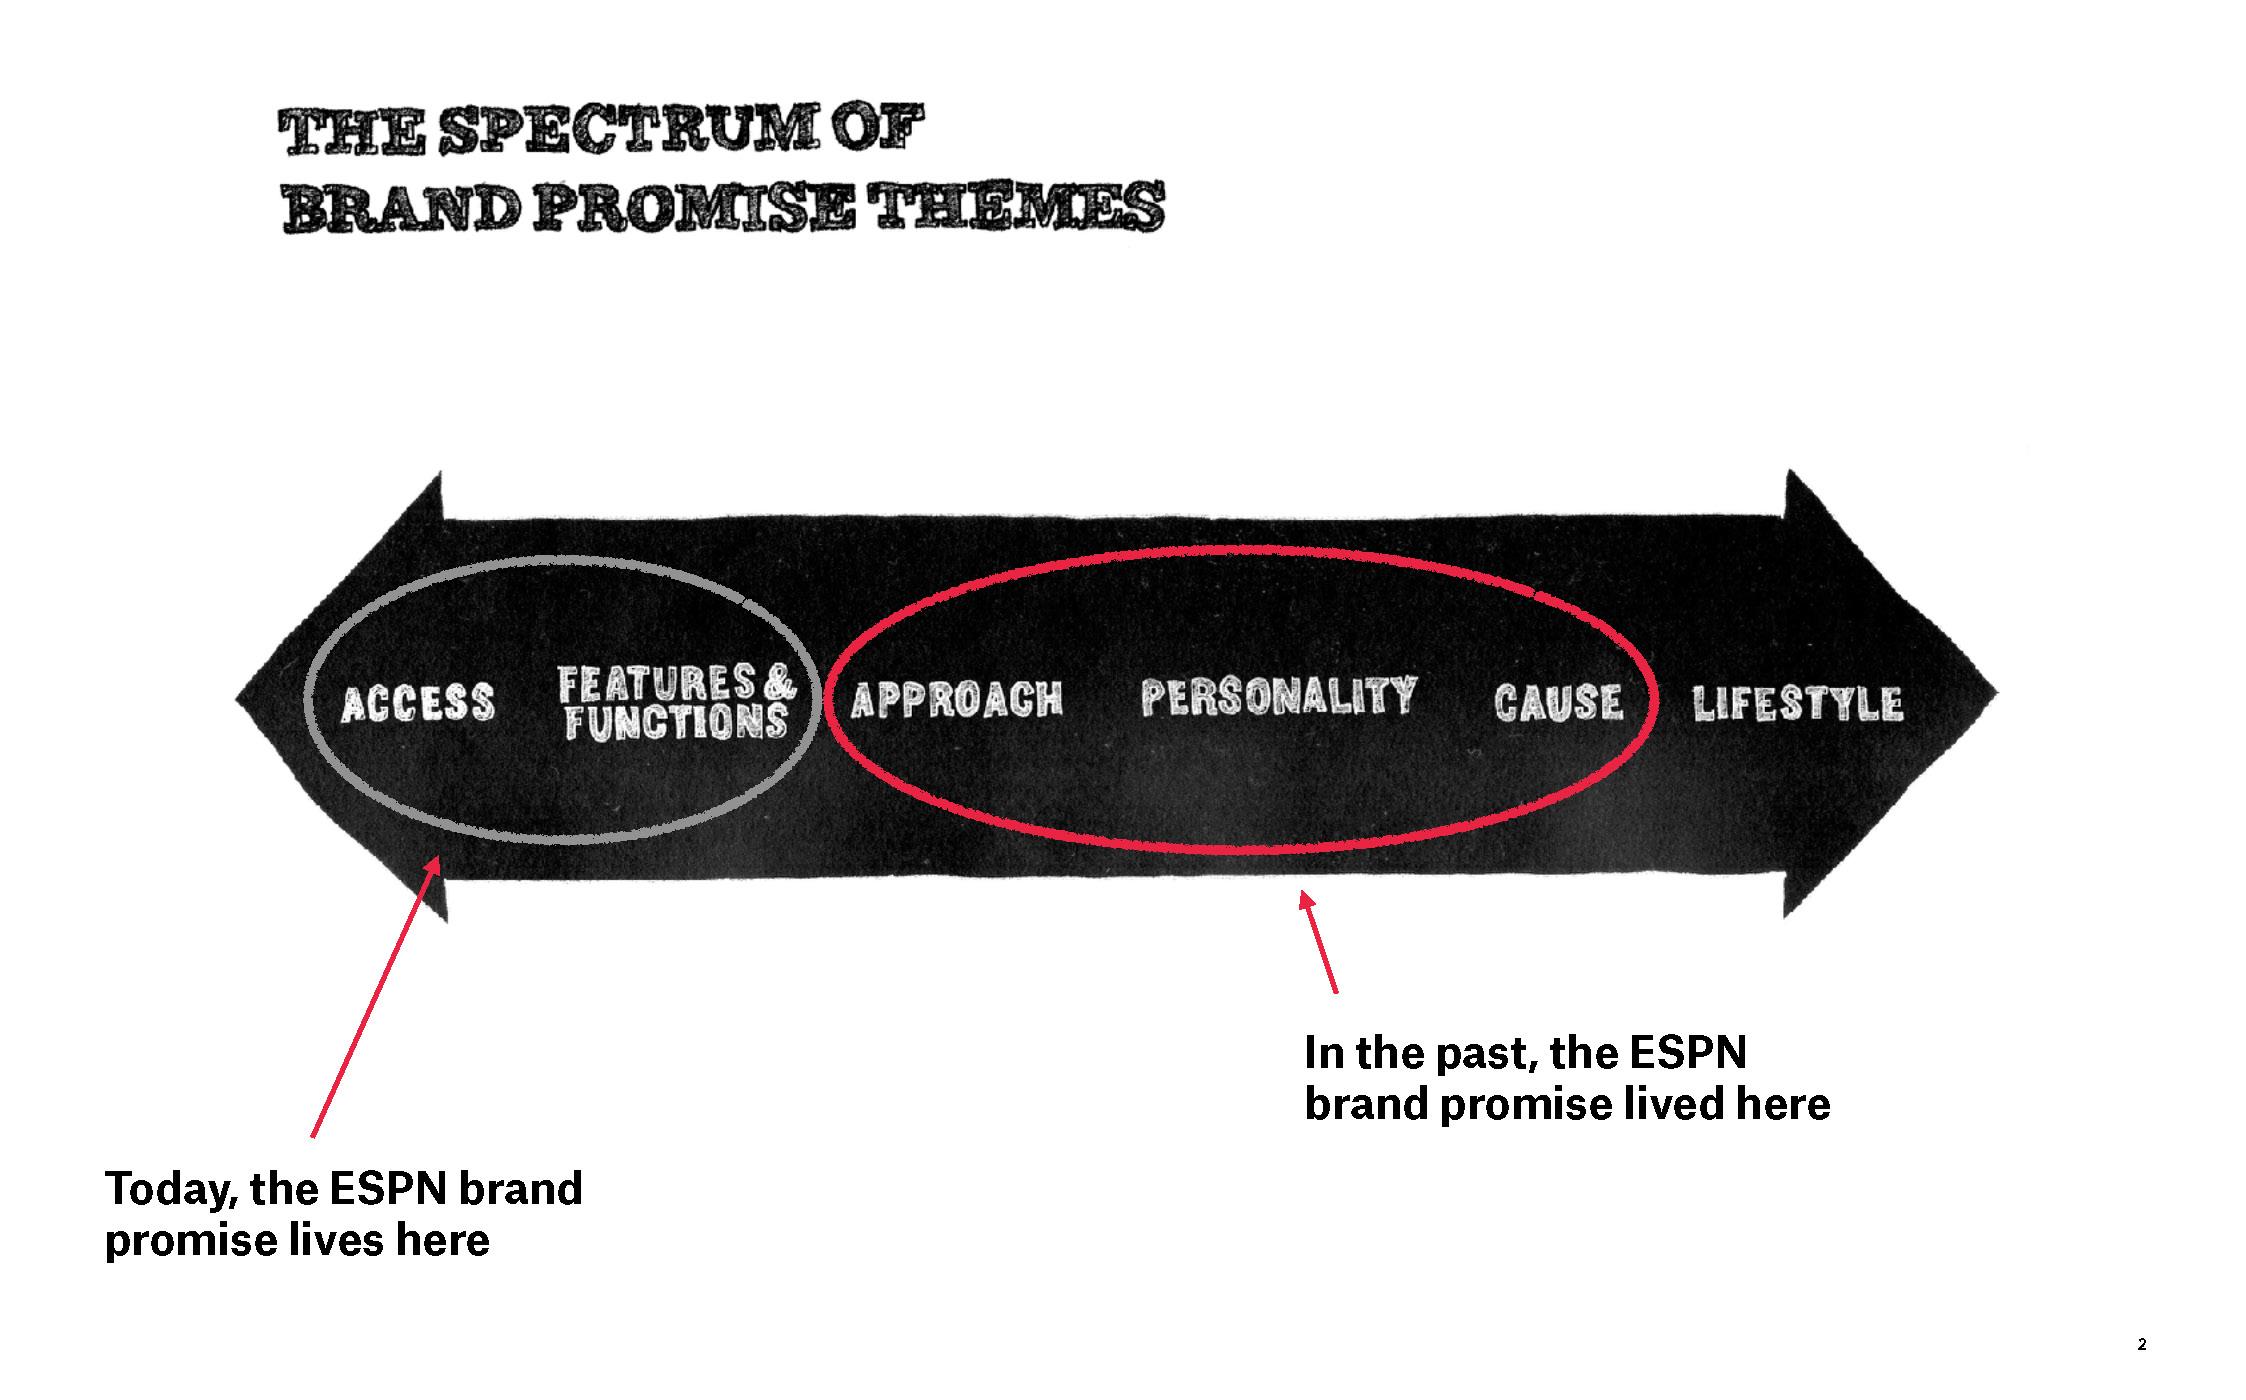 Espn spectrum